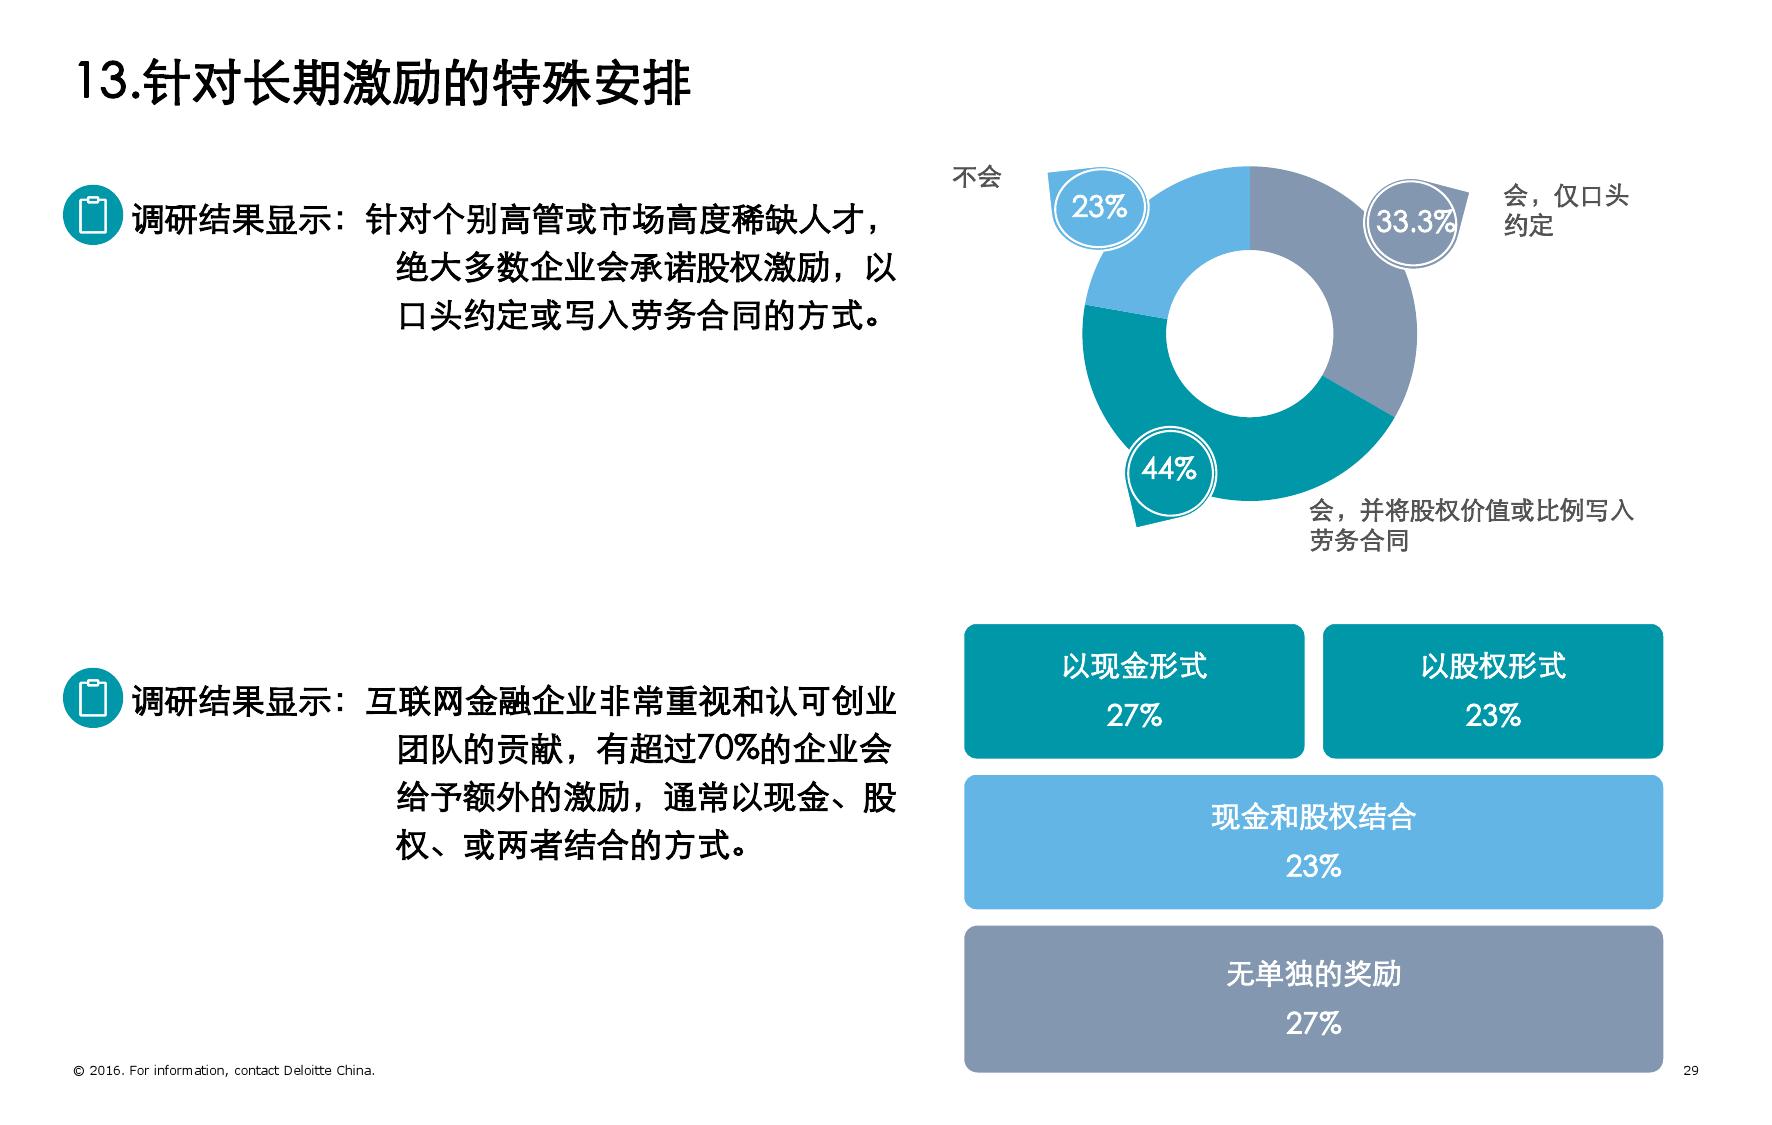 2016年互联网金融行业人力资源管理暨薪酬激励调研报告_000029